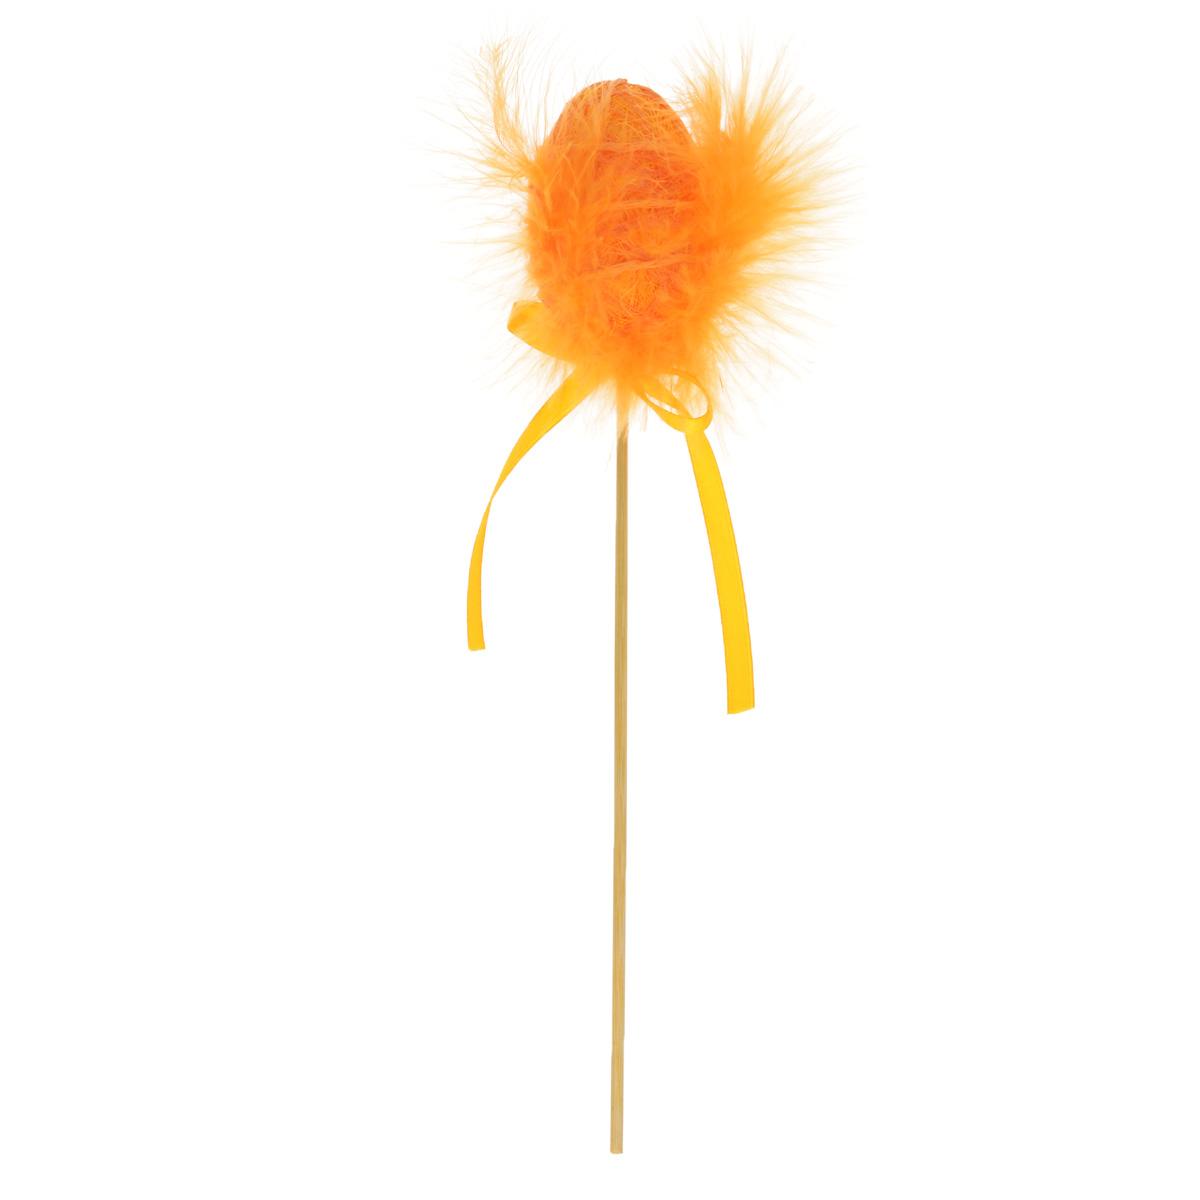 Декоративное пасхальное украшение на ножке Home Queen Яйцо с пухом. Разноцвет, цвет: оранжевый, высота 25 см64387_2Декоративное украшение Home Queen Яйцо с пухом. Разноцвет выполнено из полиэстера в виде пасхального яйца на деревянной ножке, декорированного перьями. Изделие украшено текстильной лентой. Такое украшение прекрасно дополнит подарок для друзей или близких на Пасху. Высота: 25 см. Размер яйца: 6 см х 4,5 см.